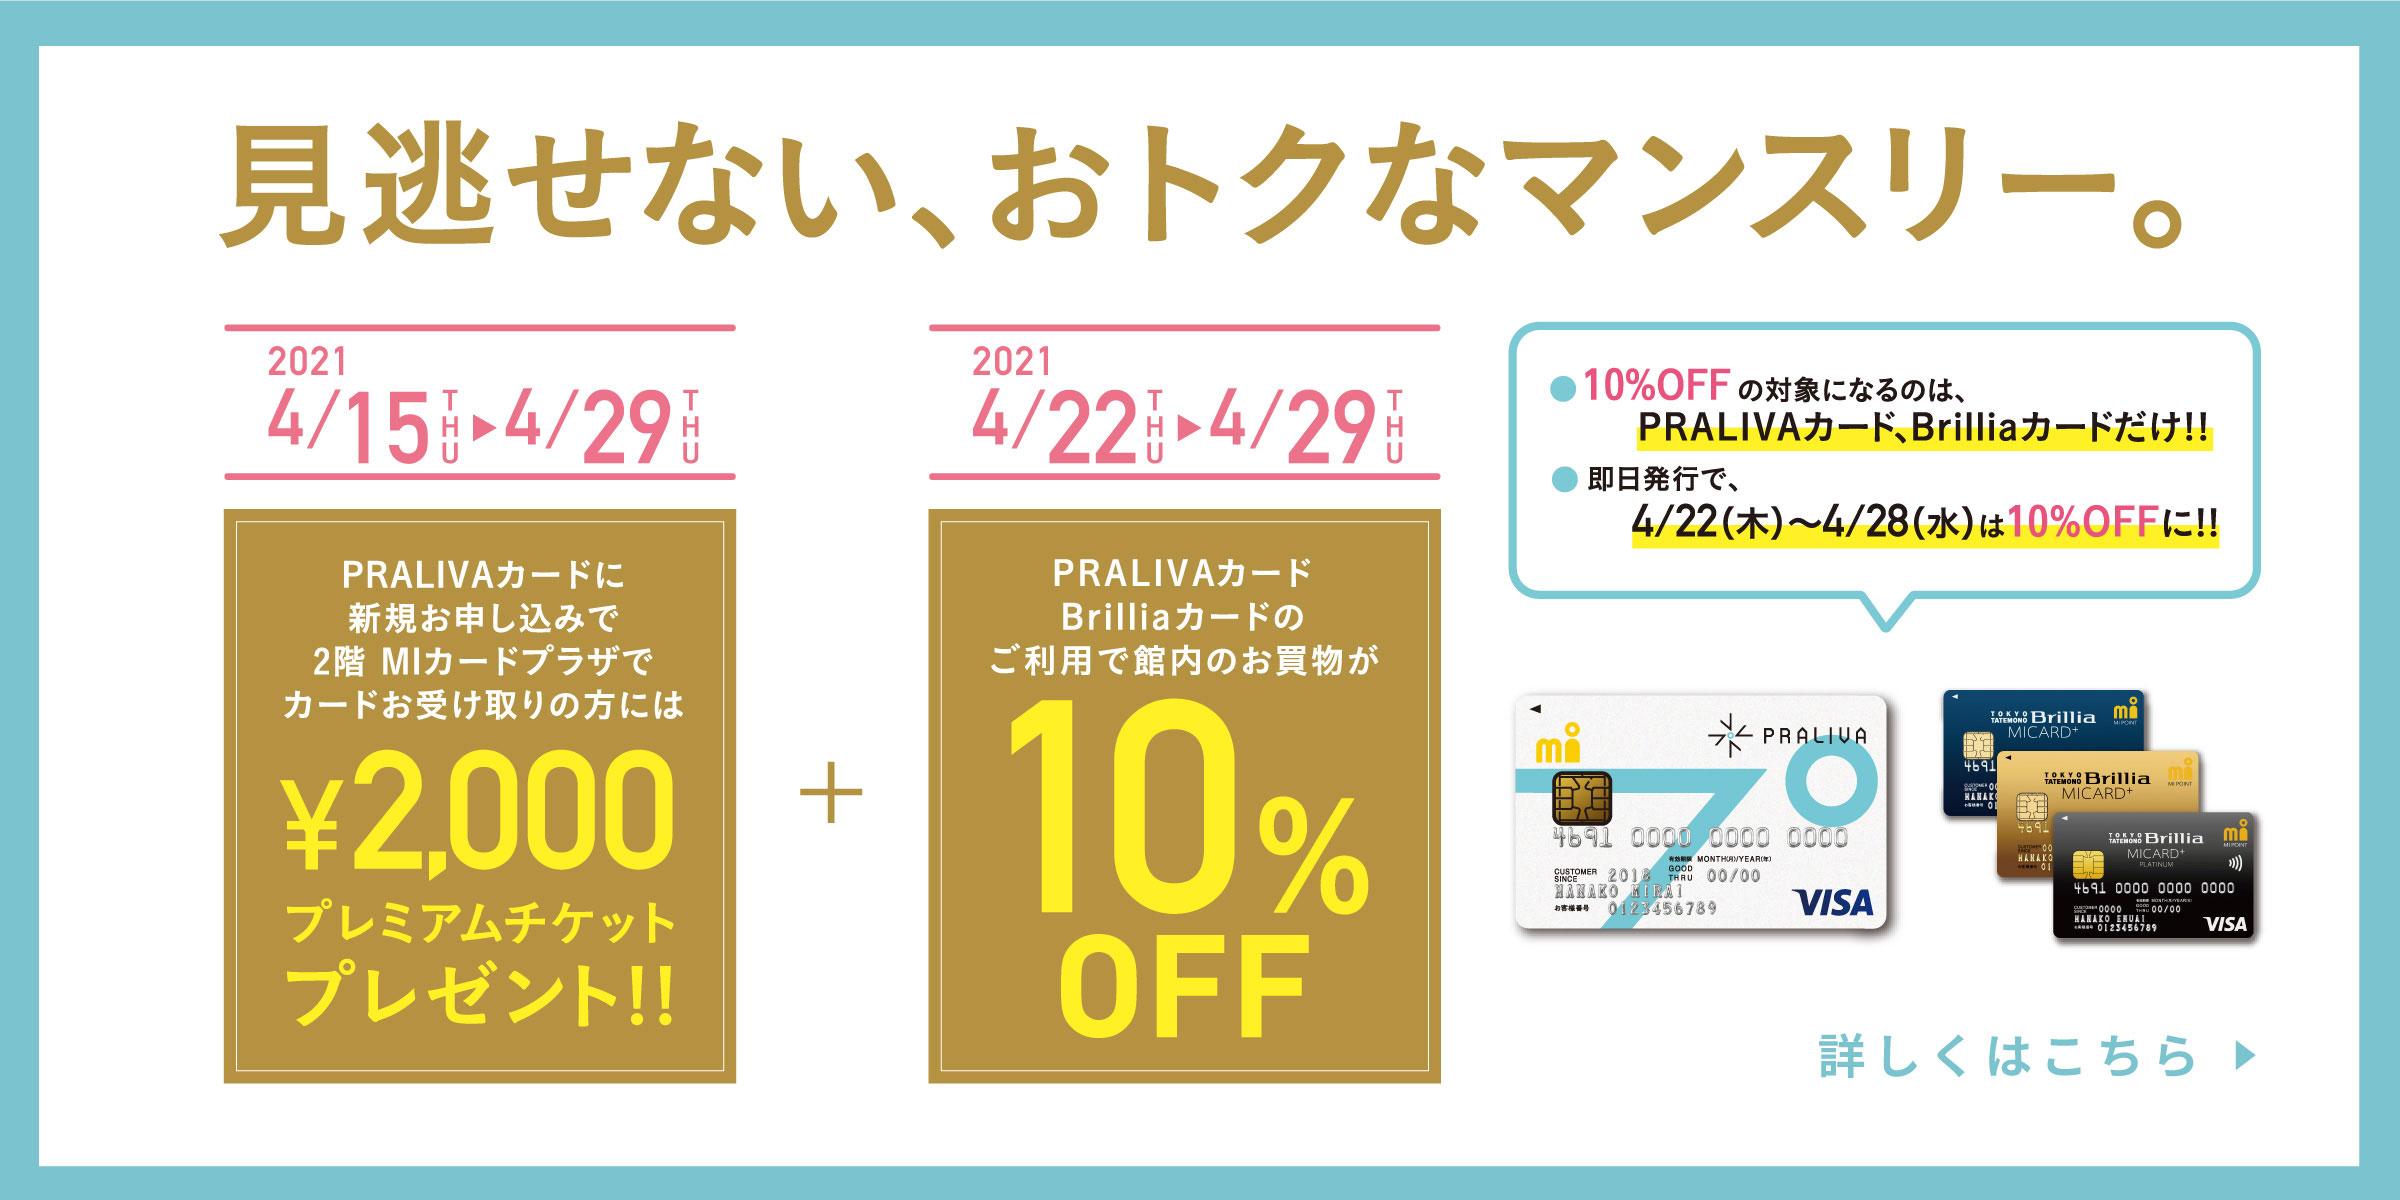 2000円クーポン&10%OFF